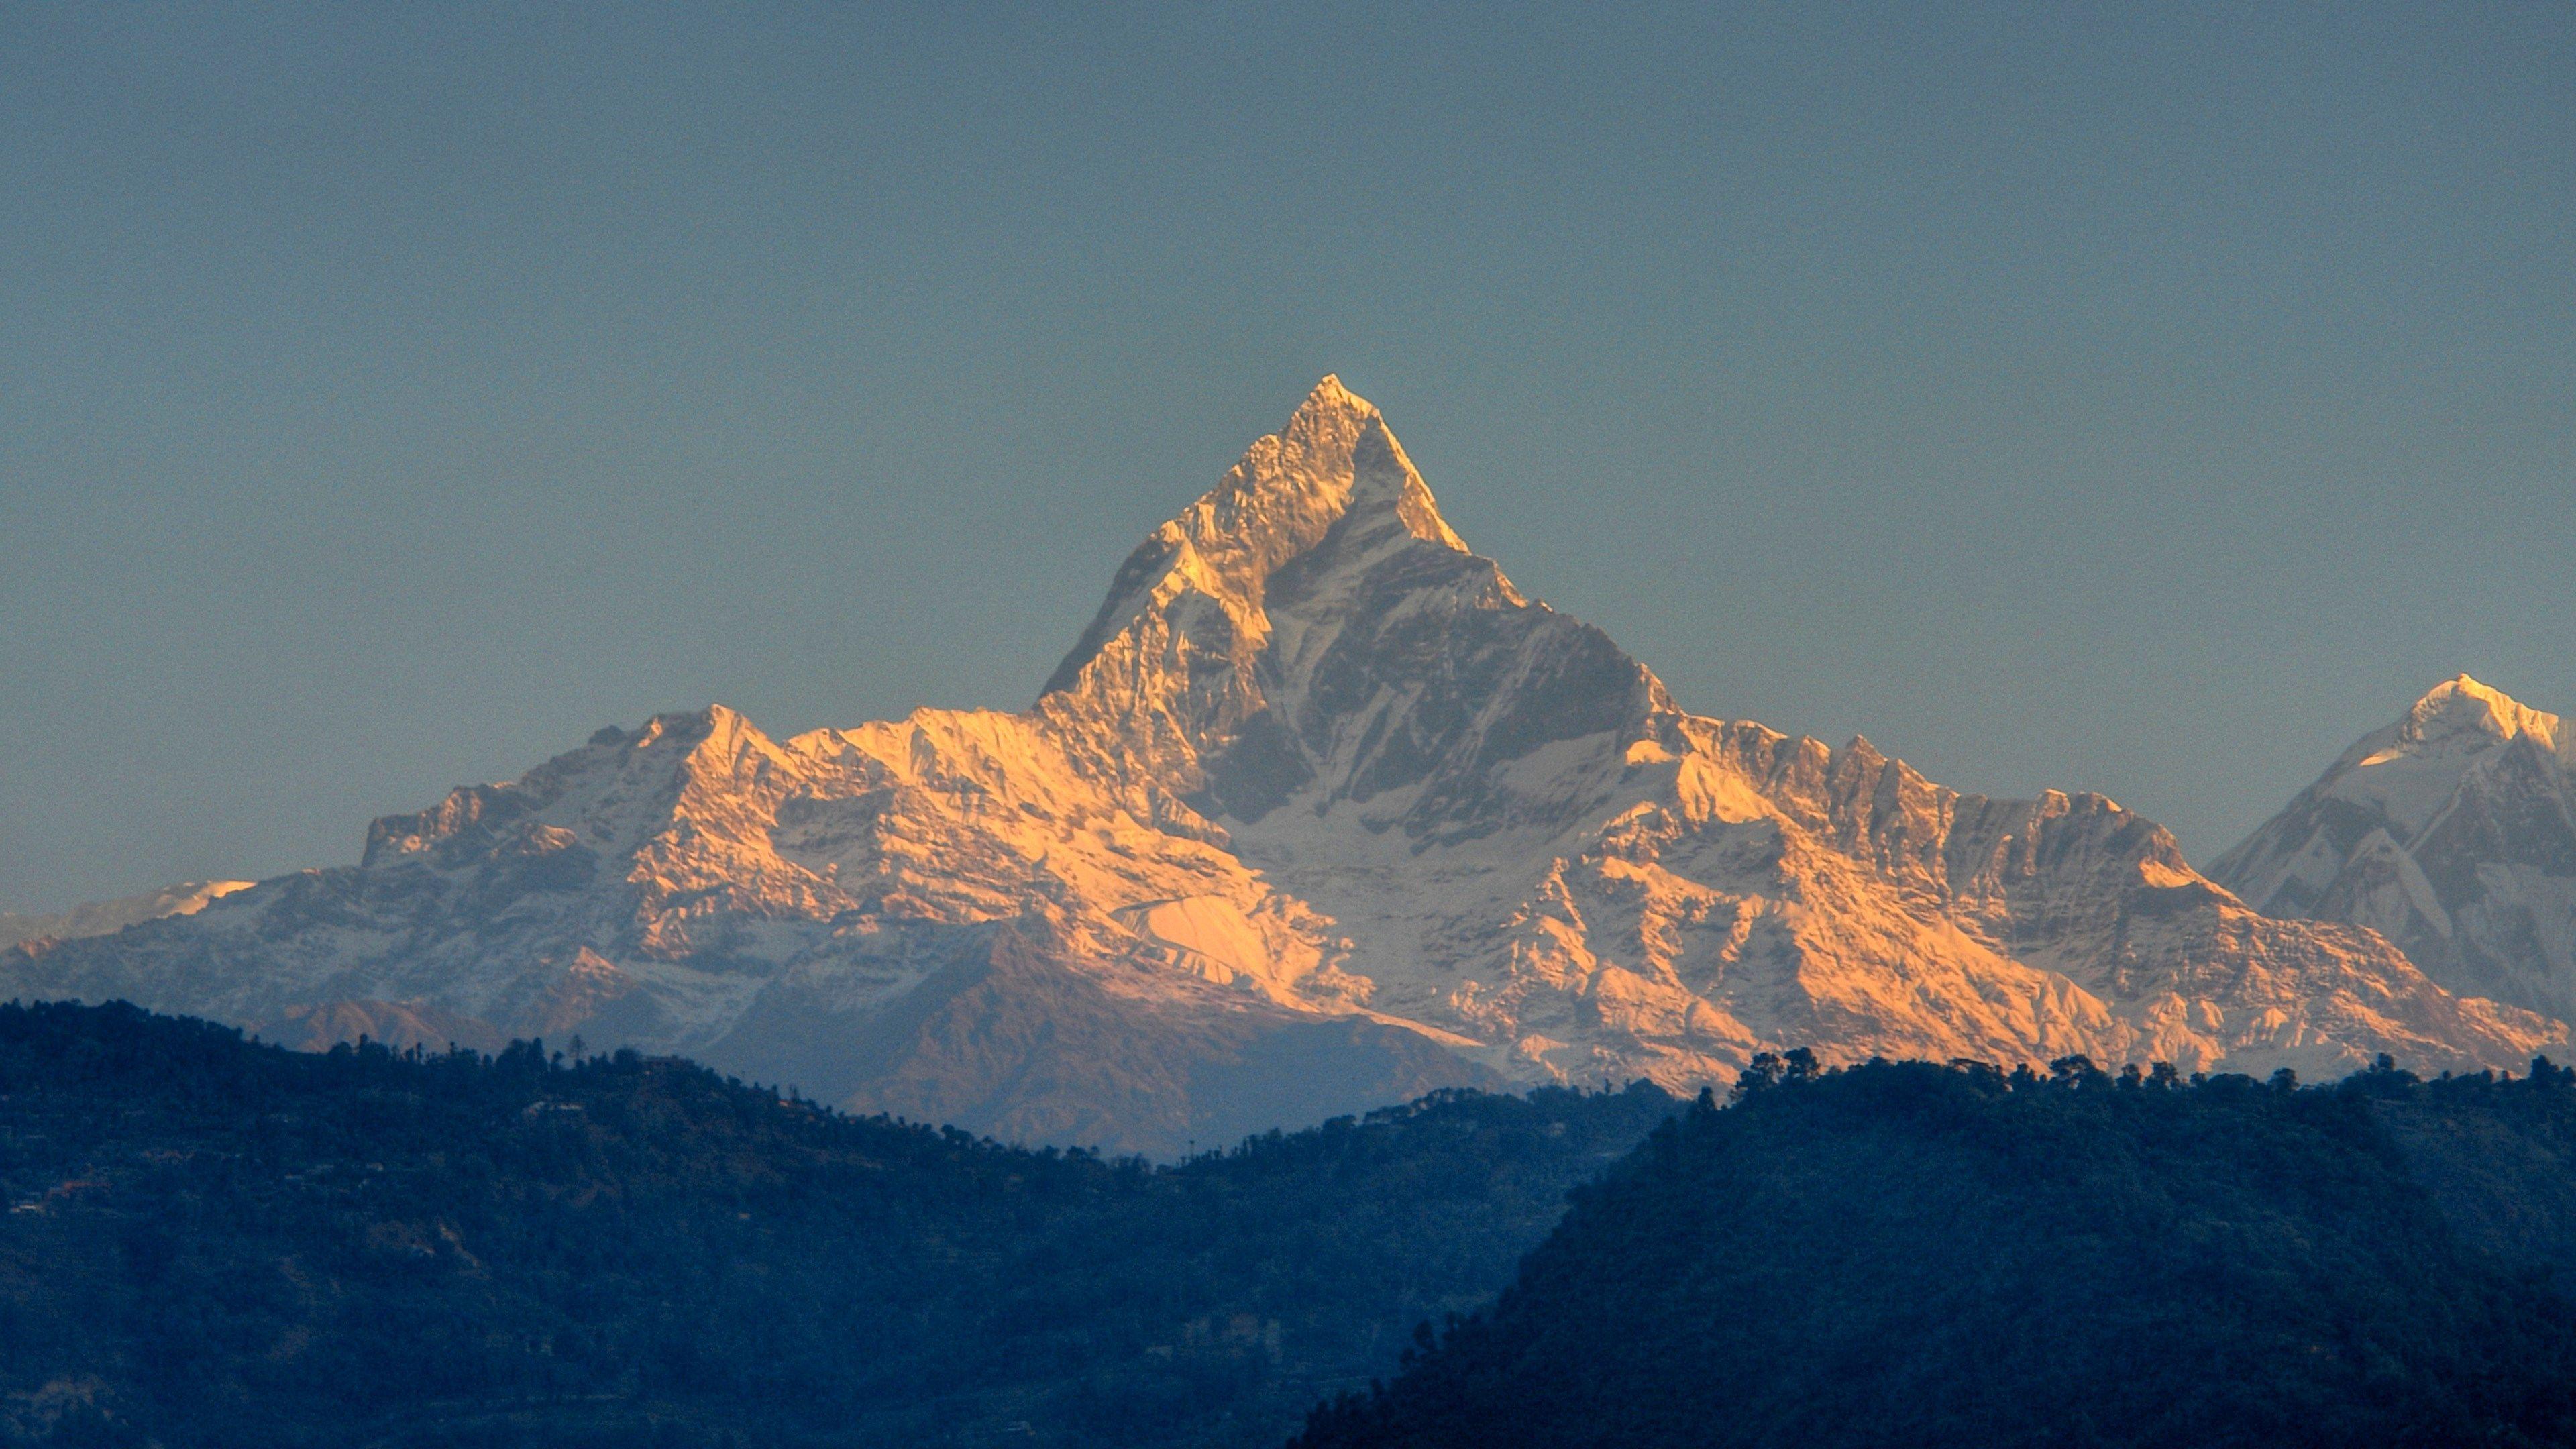 Mount Everest Themed Wallpaper For Desktops By Taft Fairy 2017 03 24 Everest Wallpaper Mountain Photography